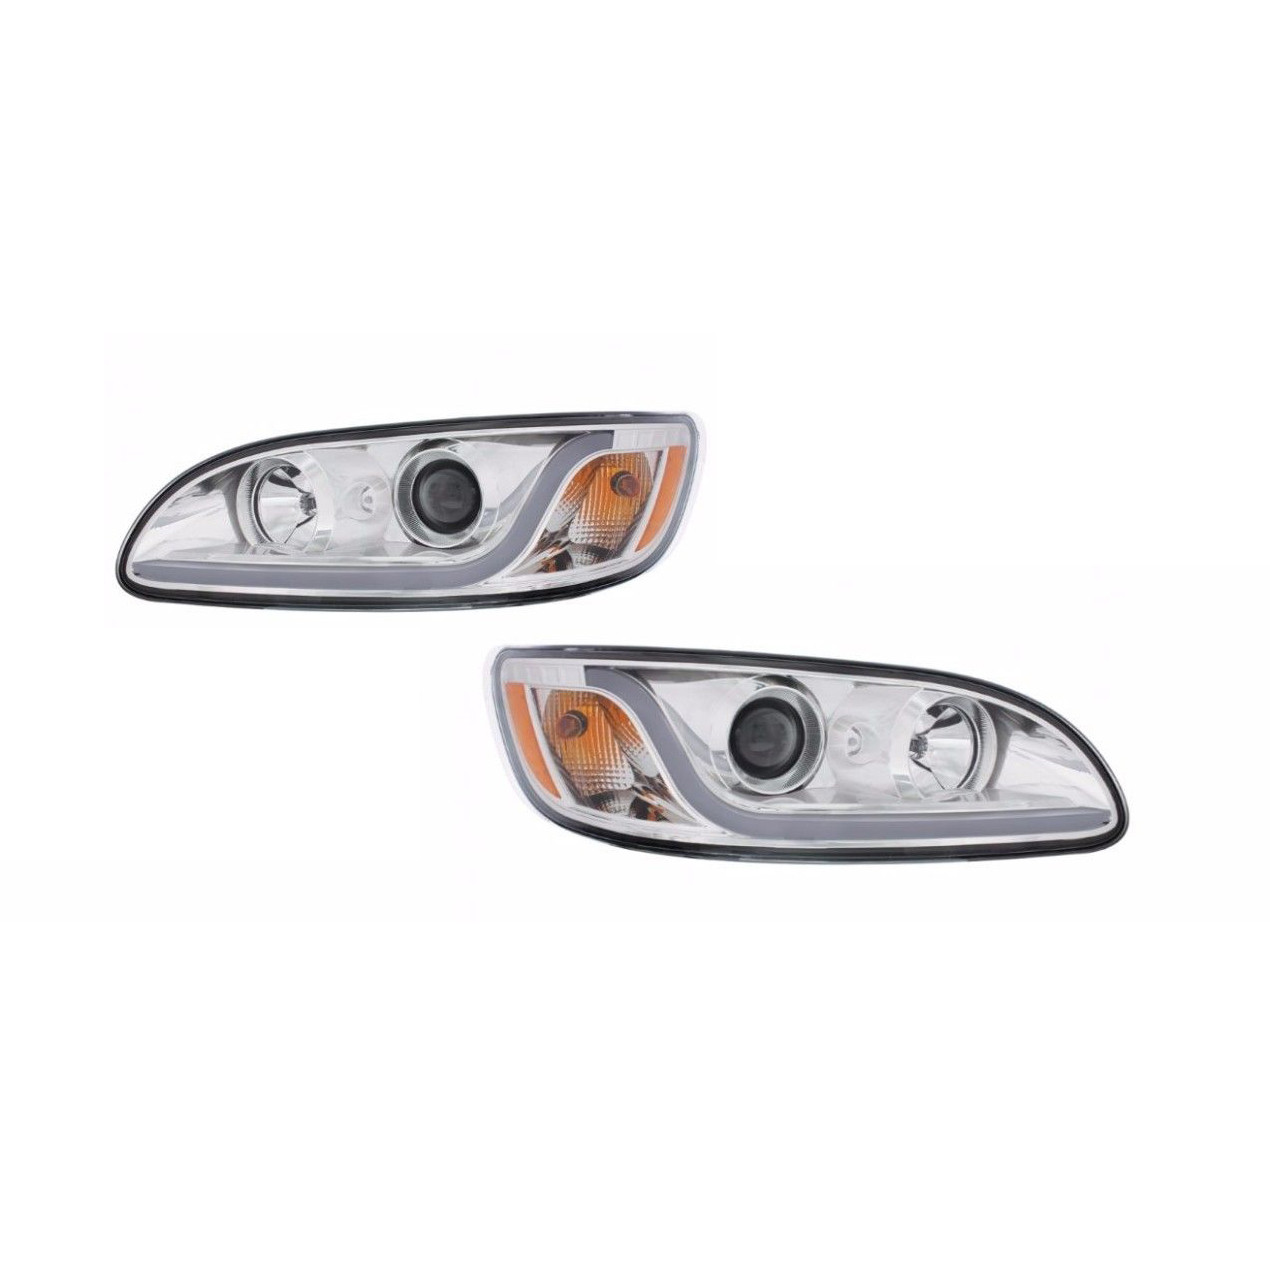 Peterbilt 386/387 Projection Headlight SET- (CHROME) LED Light Bars